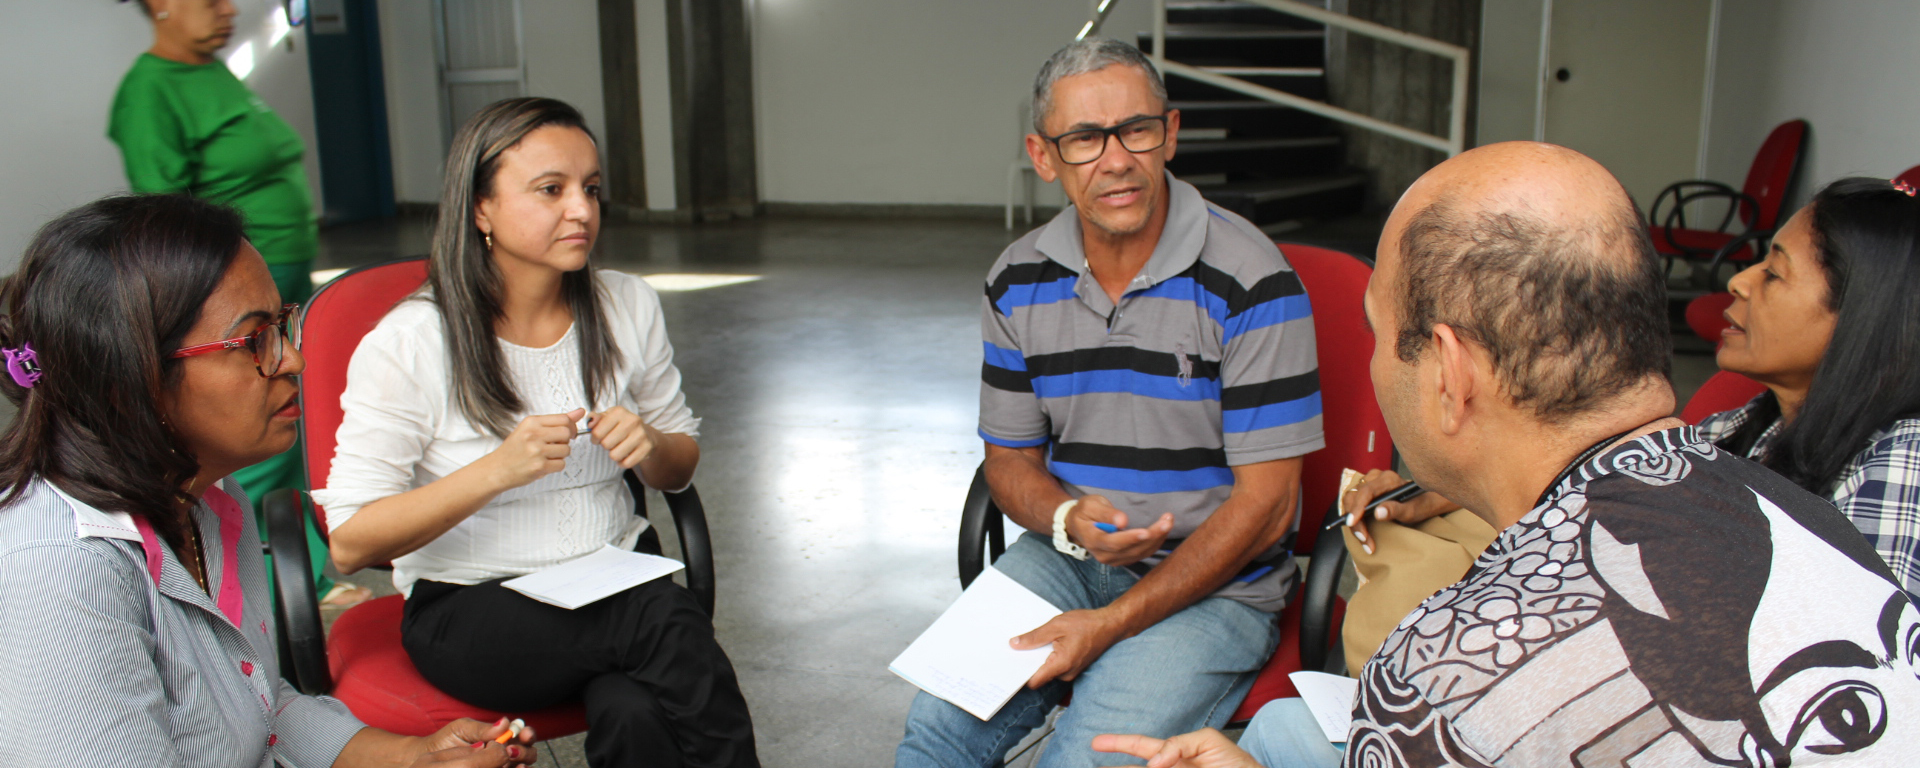 Jornada de Educação Transformadora na Secretaria de Educação da Bahia